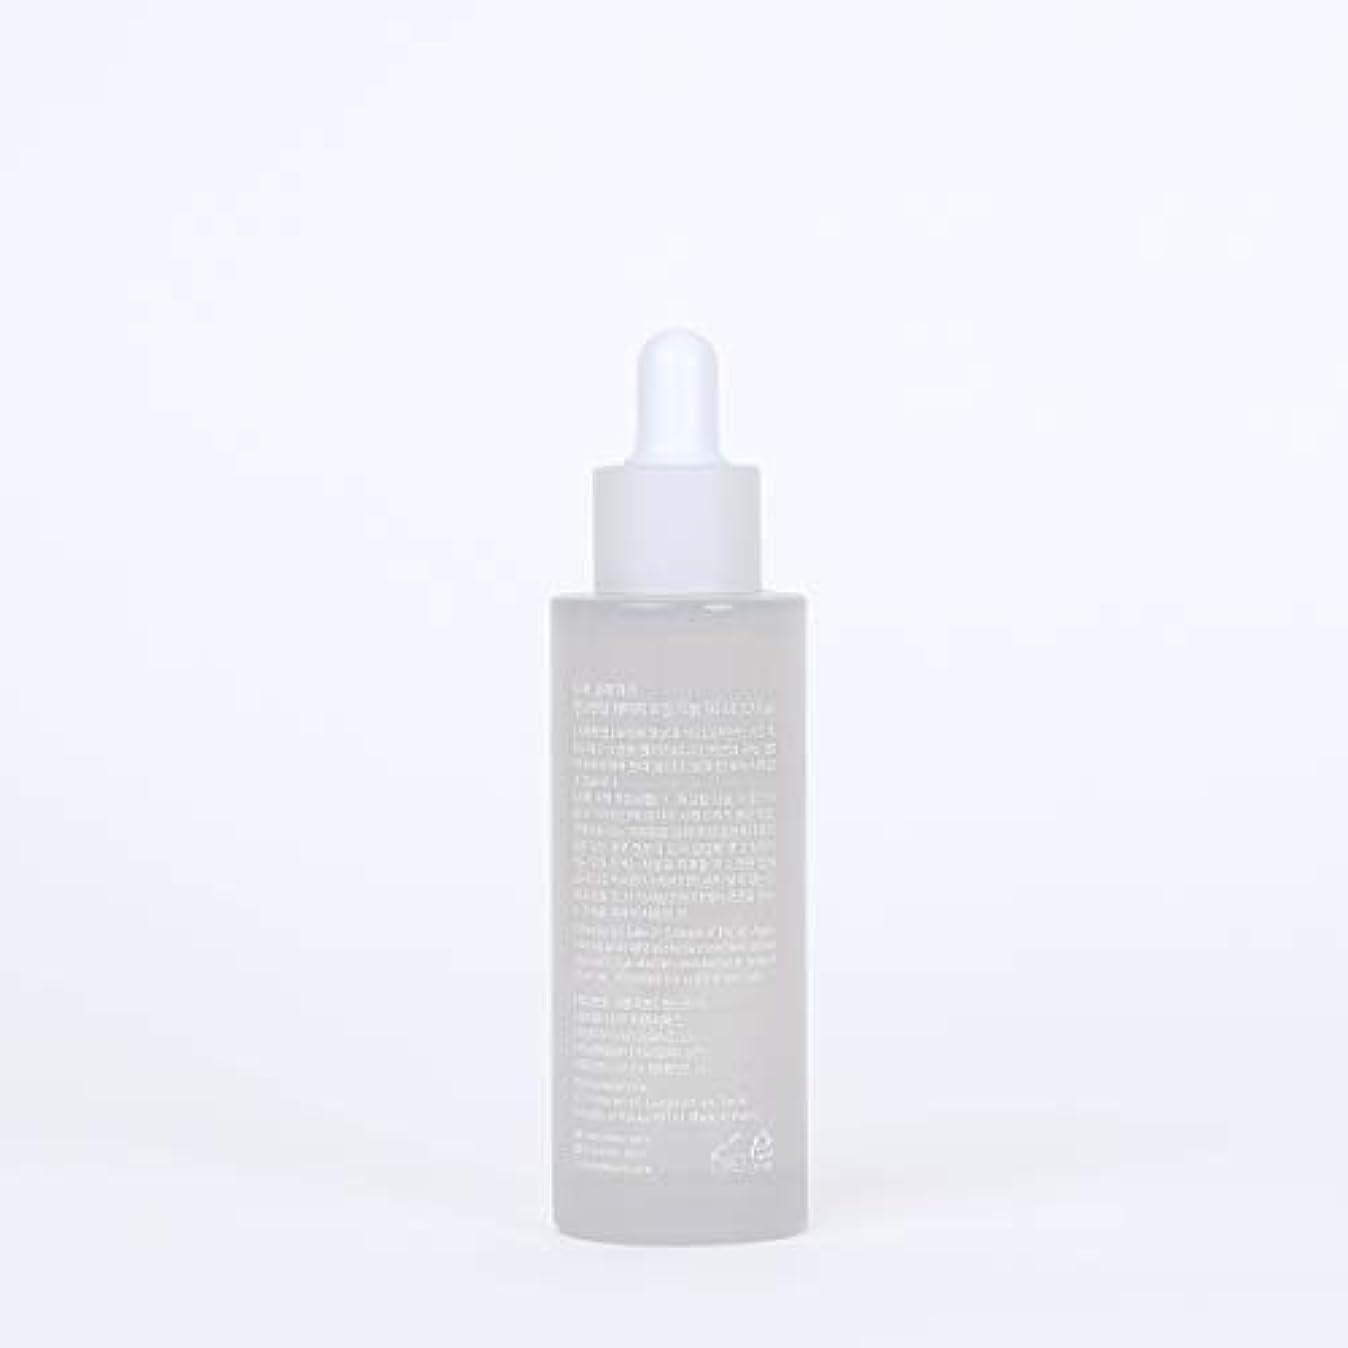 沿って葉っぱ迅速【クレアス(Klairs)】ファンダメンタルウォーターリーオイルドロップ, Fundamental Watery Oil Drop, 50ml, [並行輸入品]